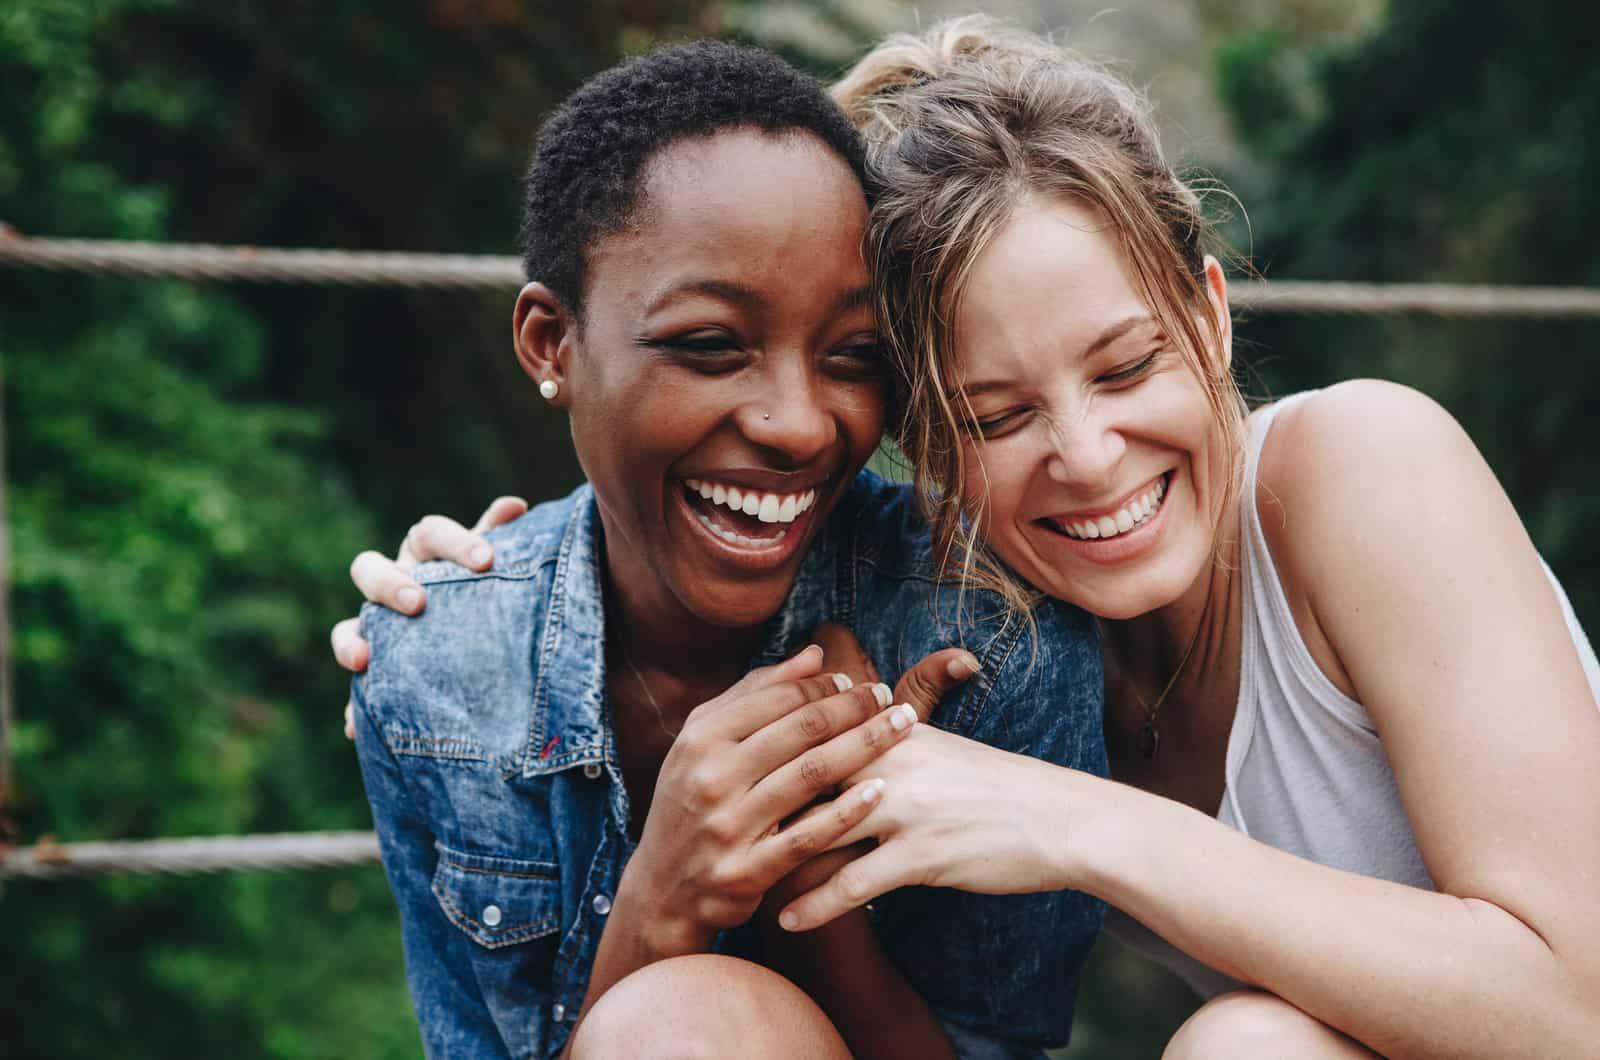 zwei Freunde umarmen und lachen